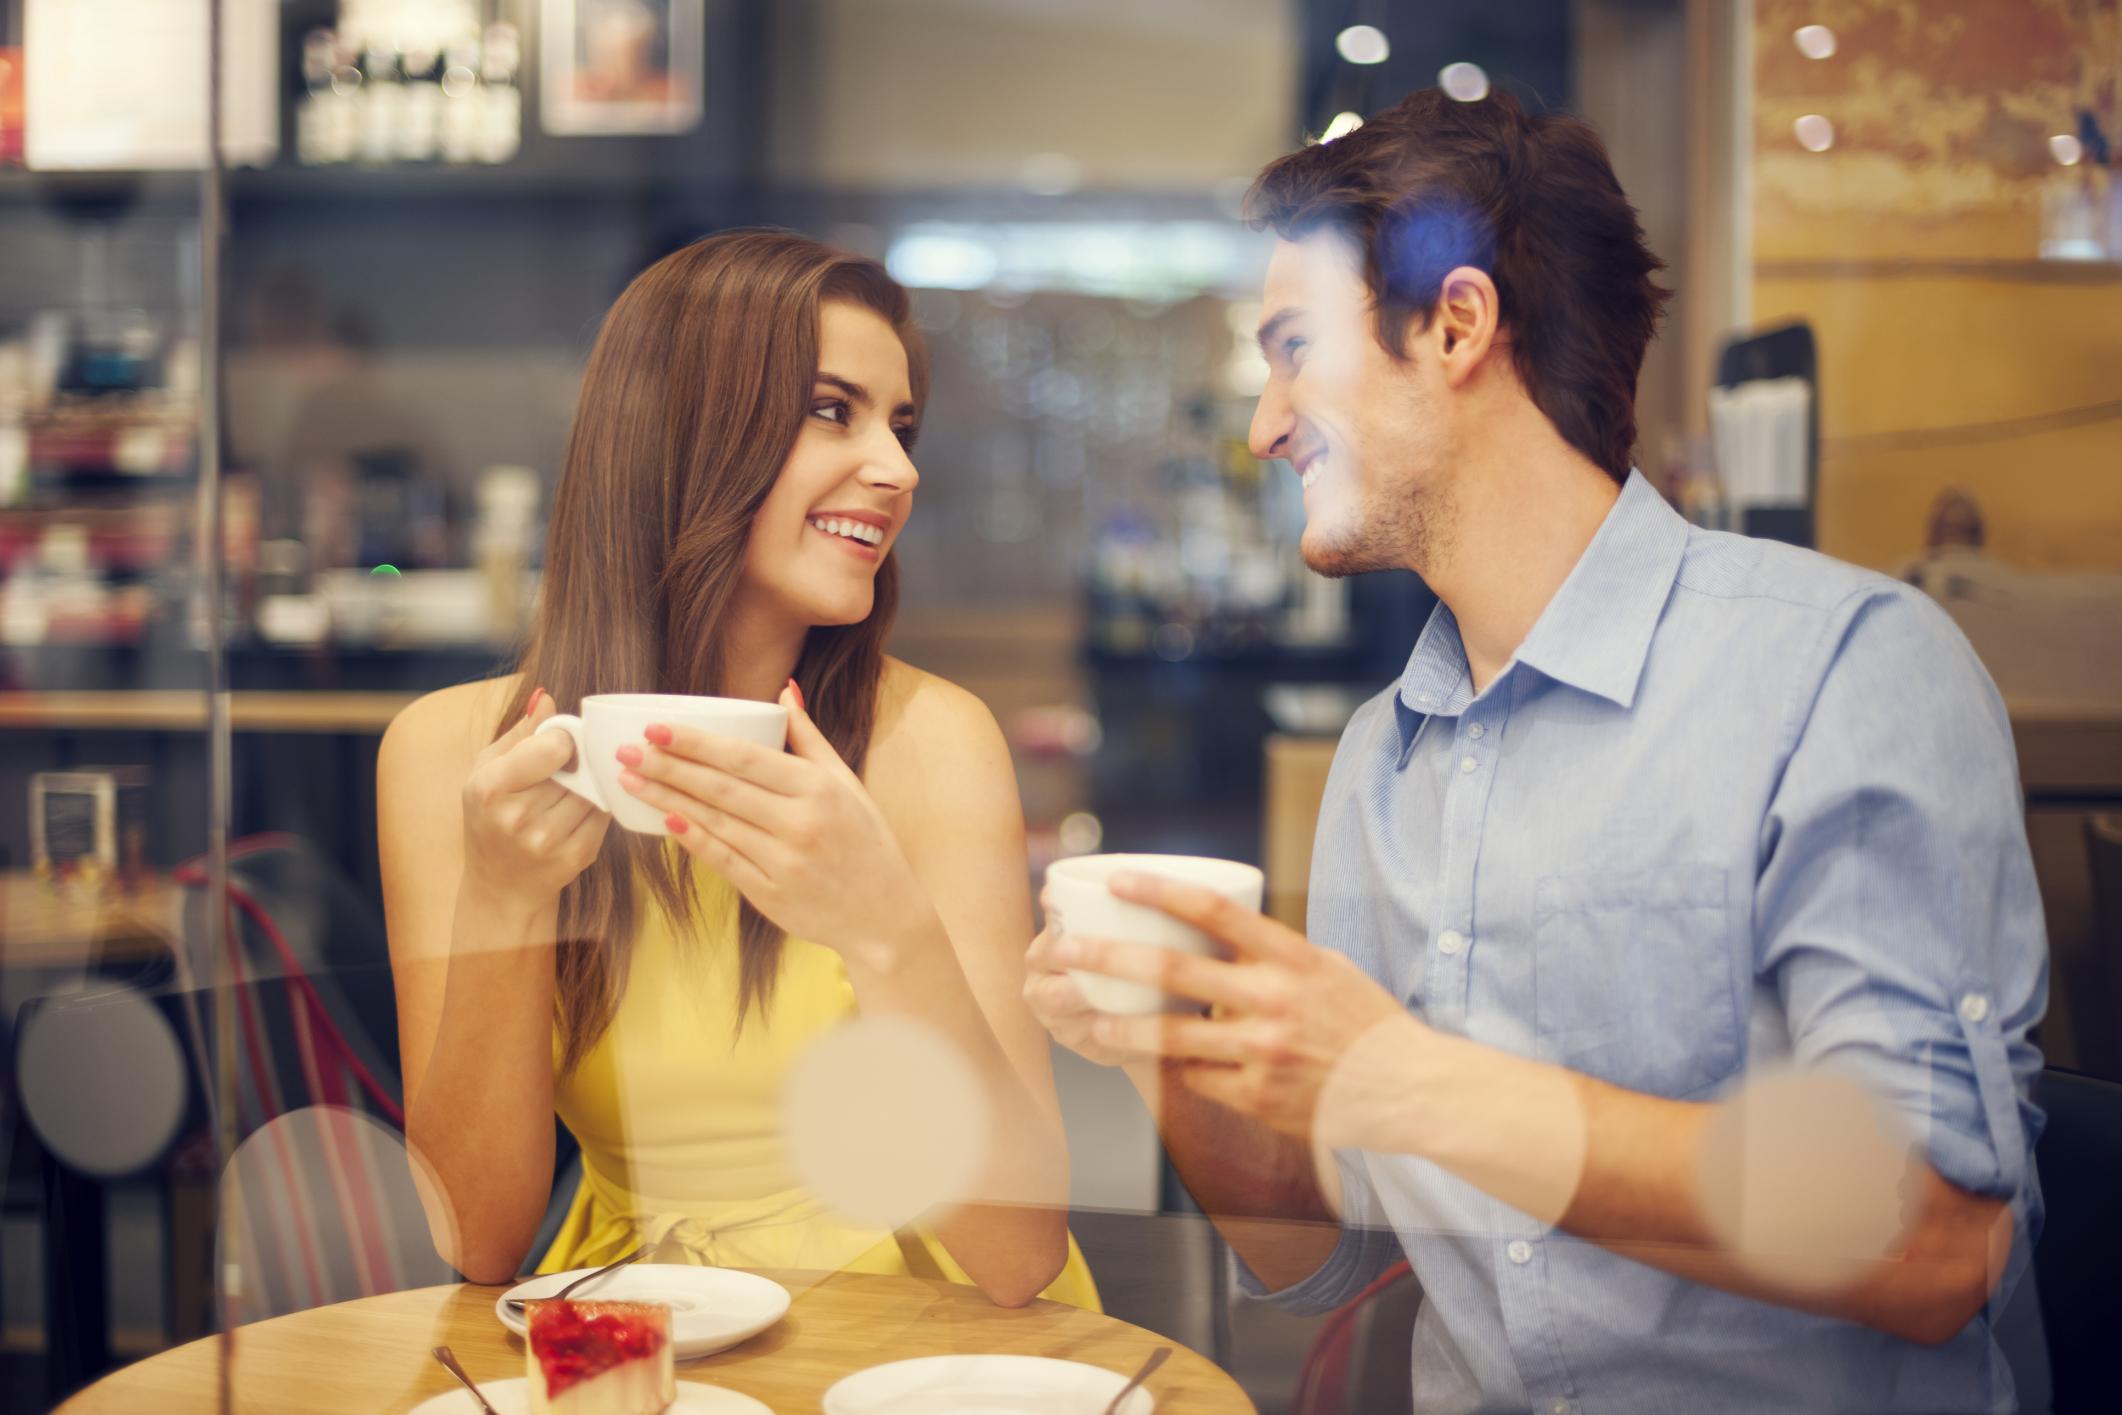 Jít na kávu s bývalým? Ano nebo ne?